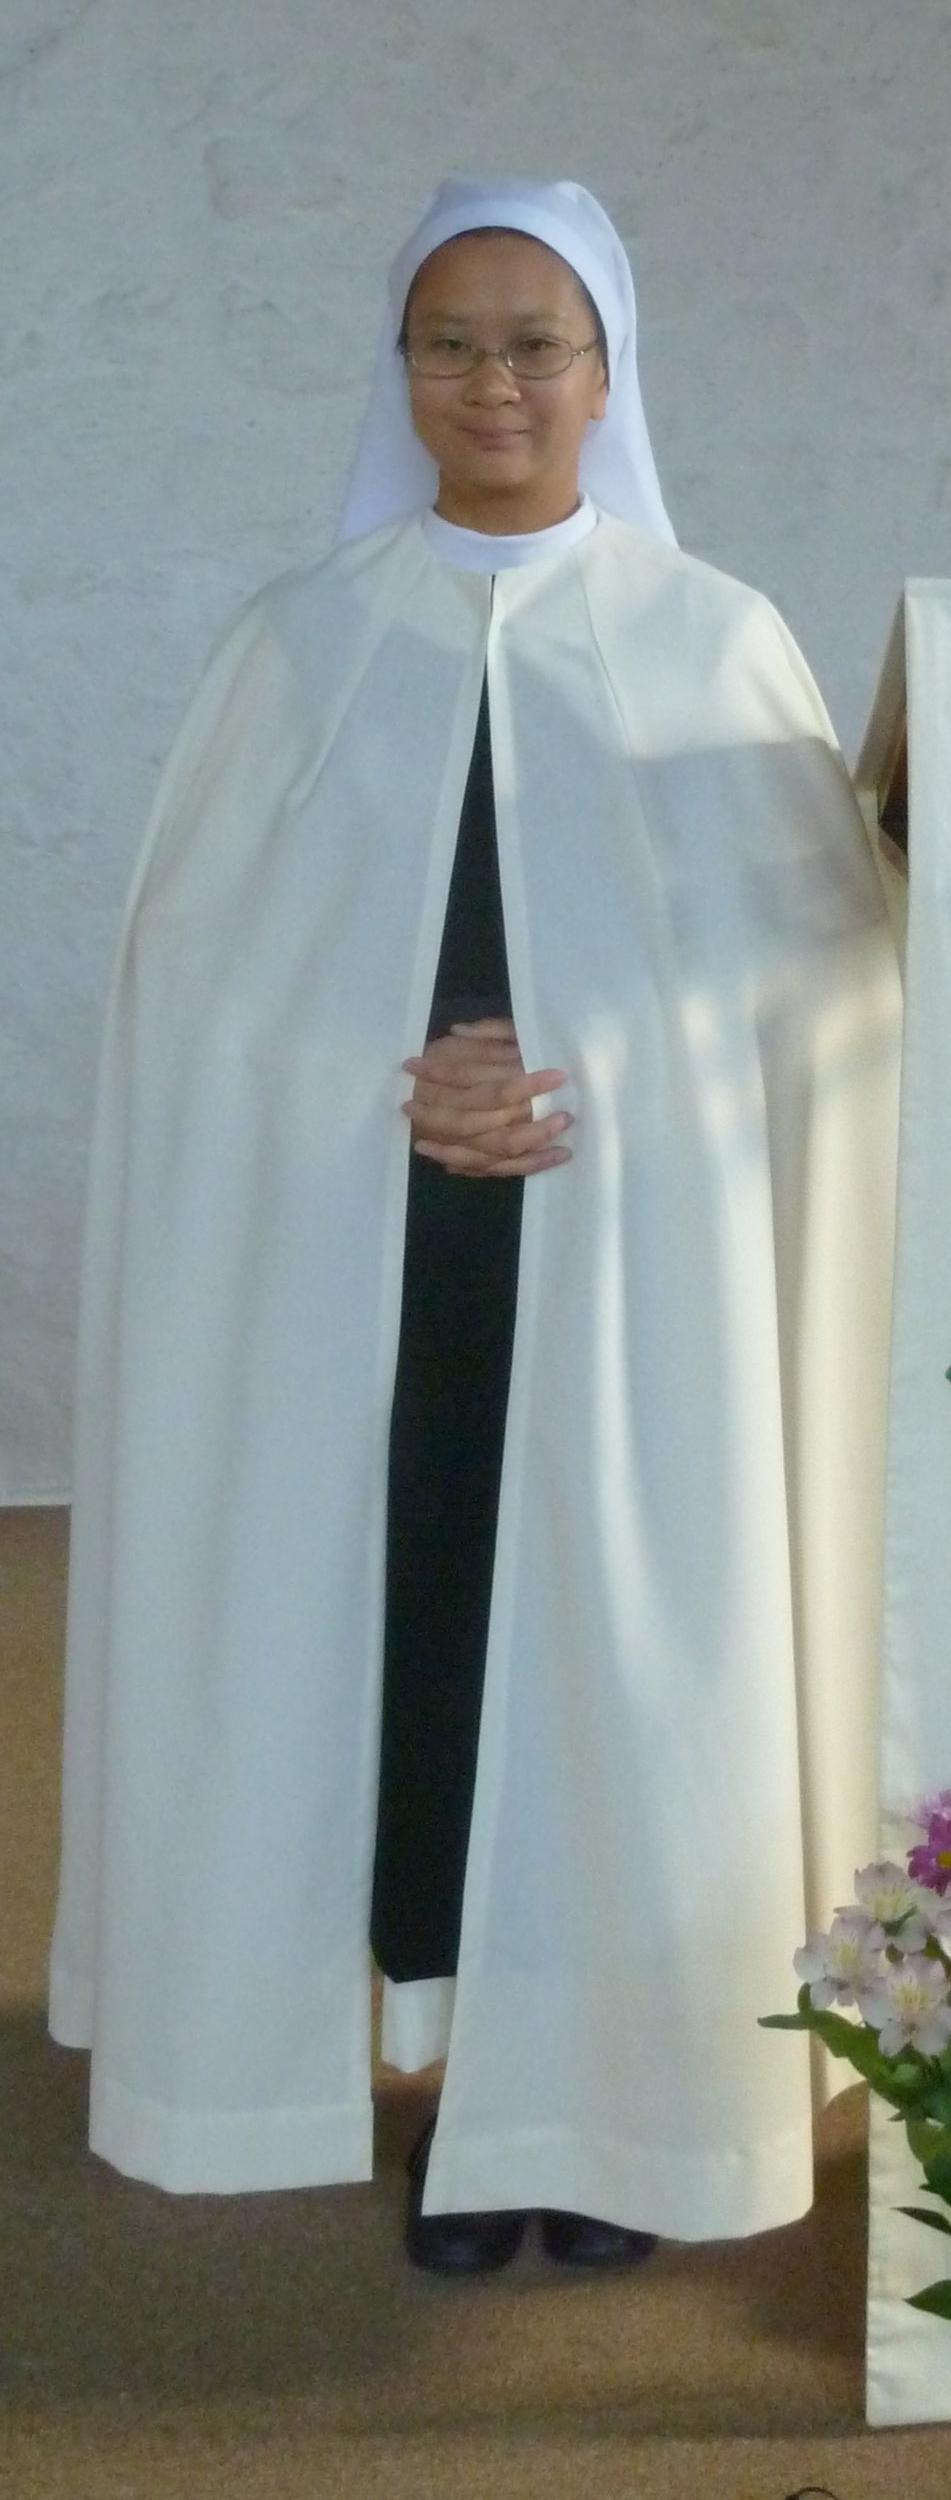 srreina (4).JPG